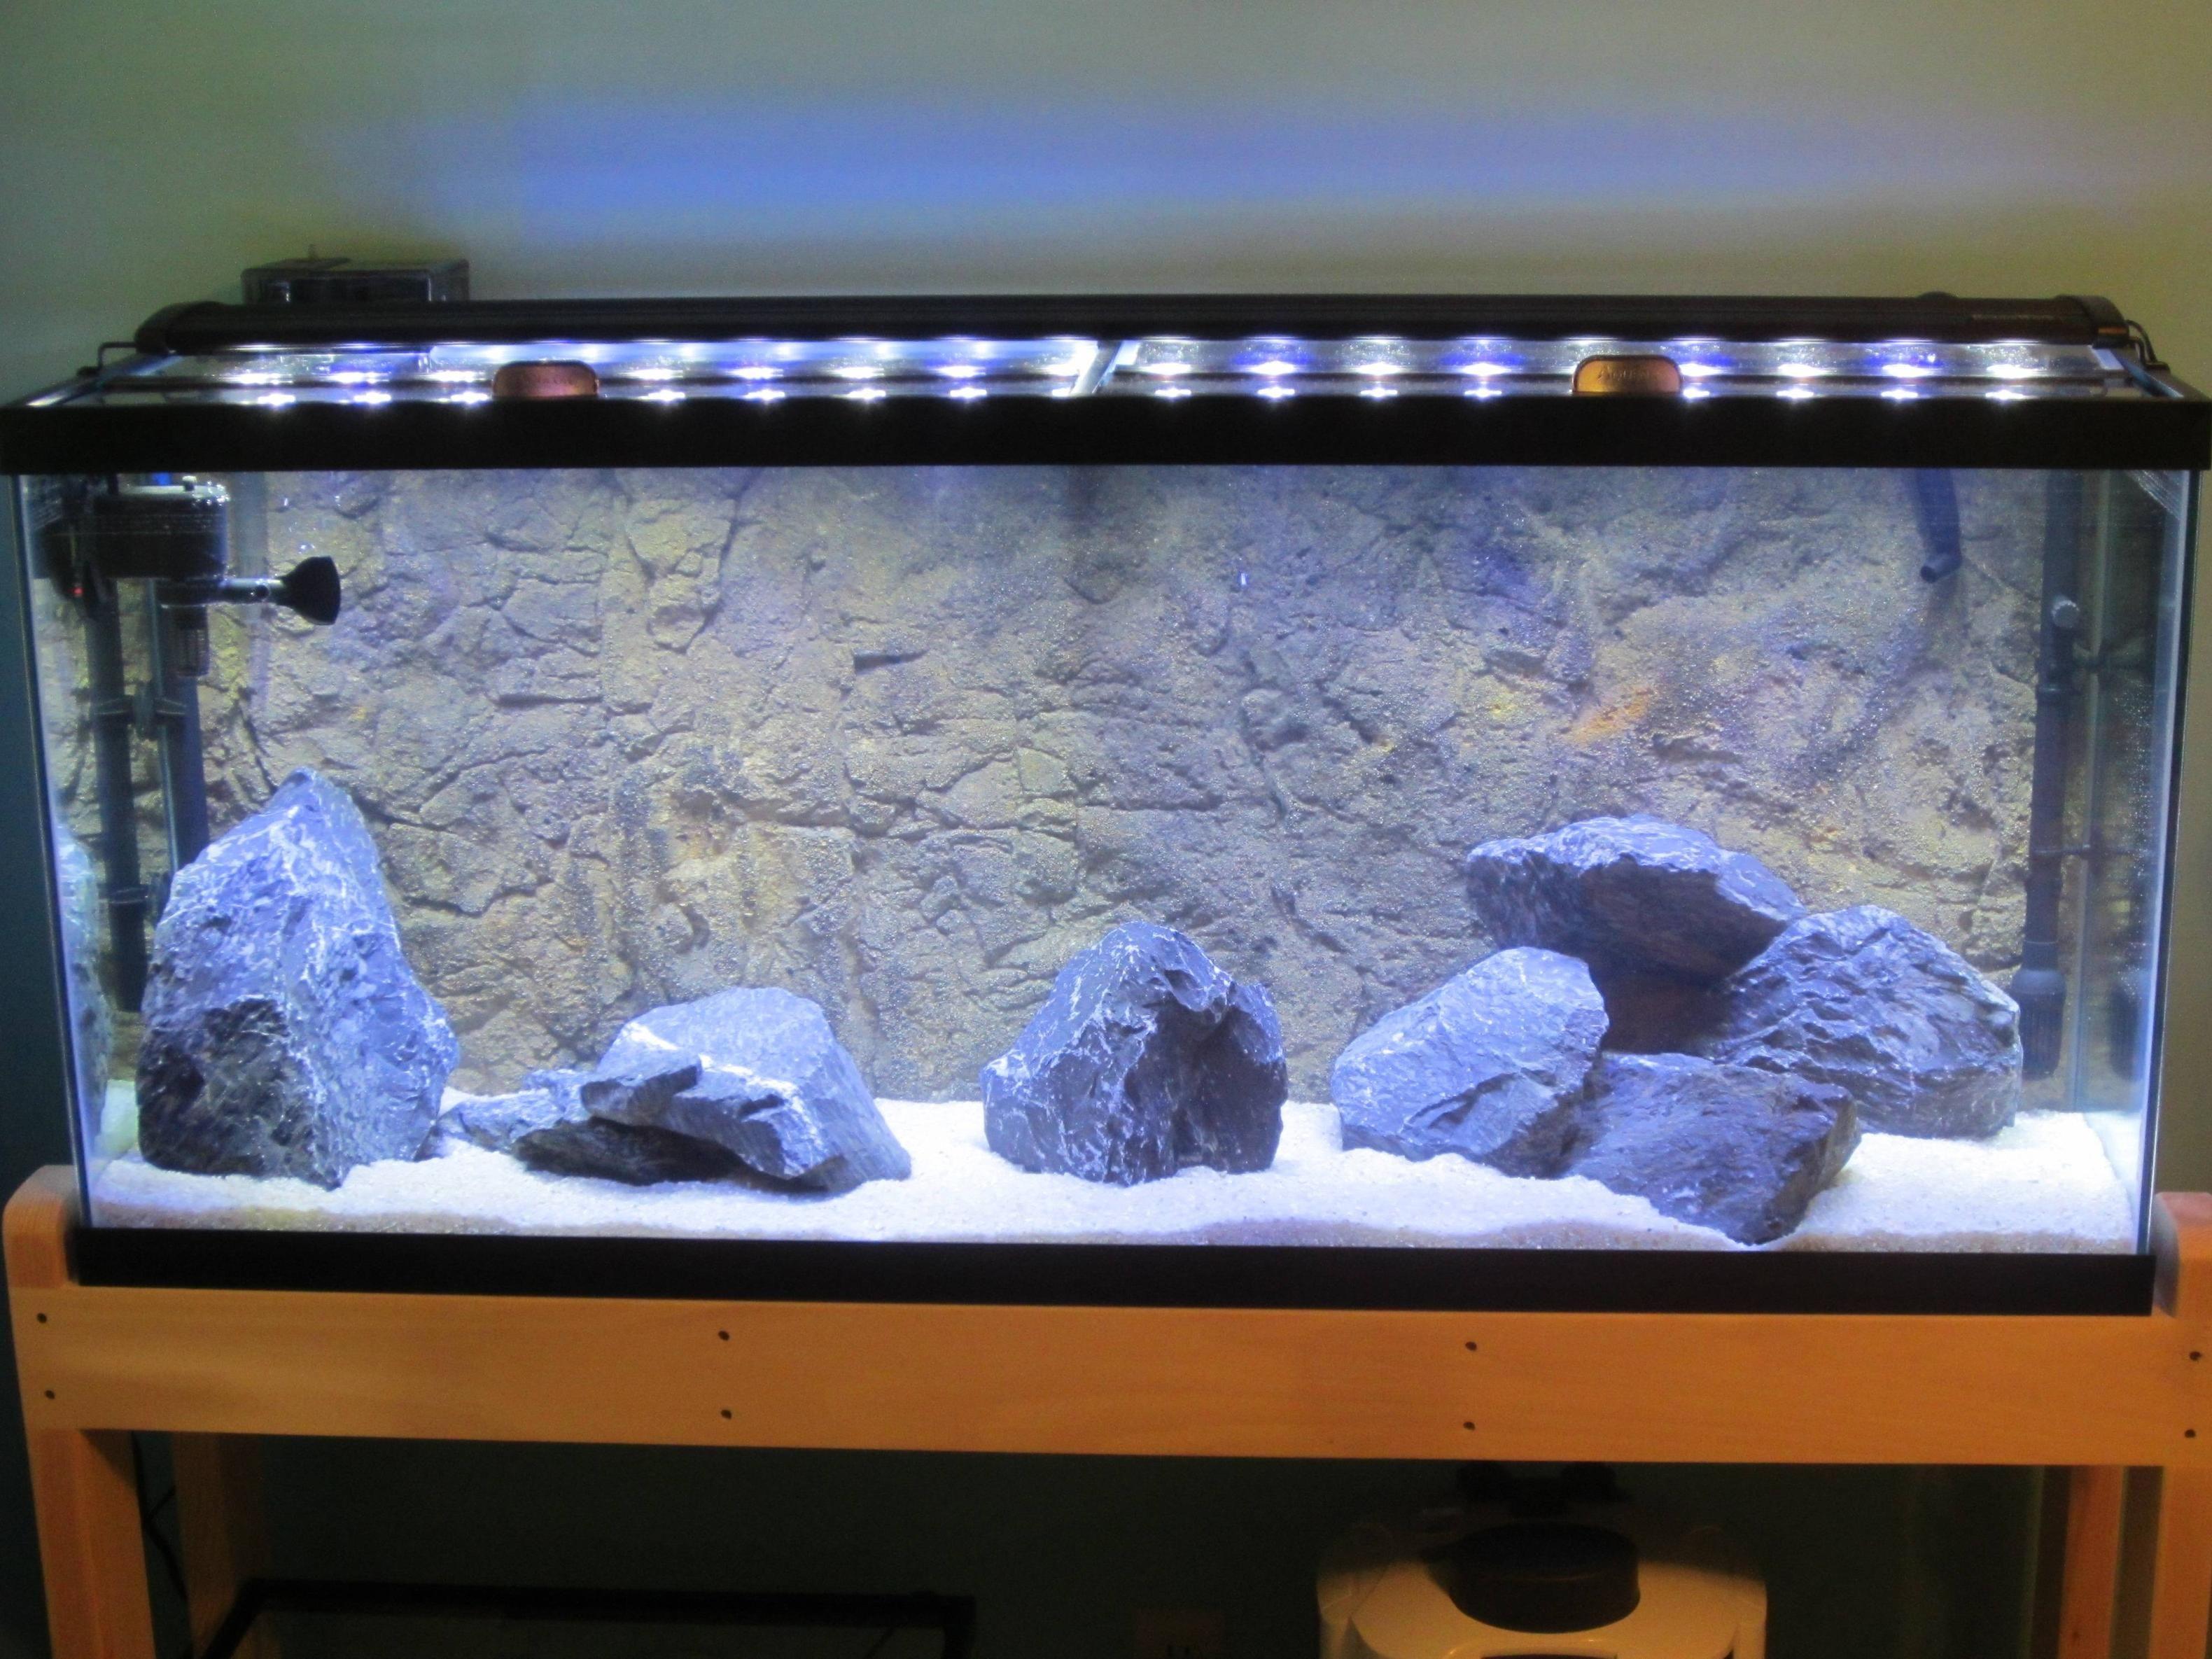 84fce96fe02f336fd2ed33978d2b7999 Frais De Jbl Aquarium Conception